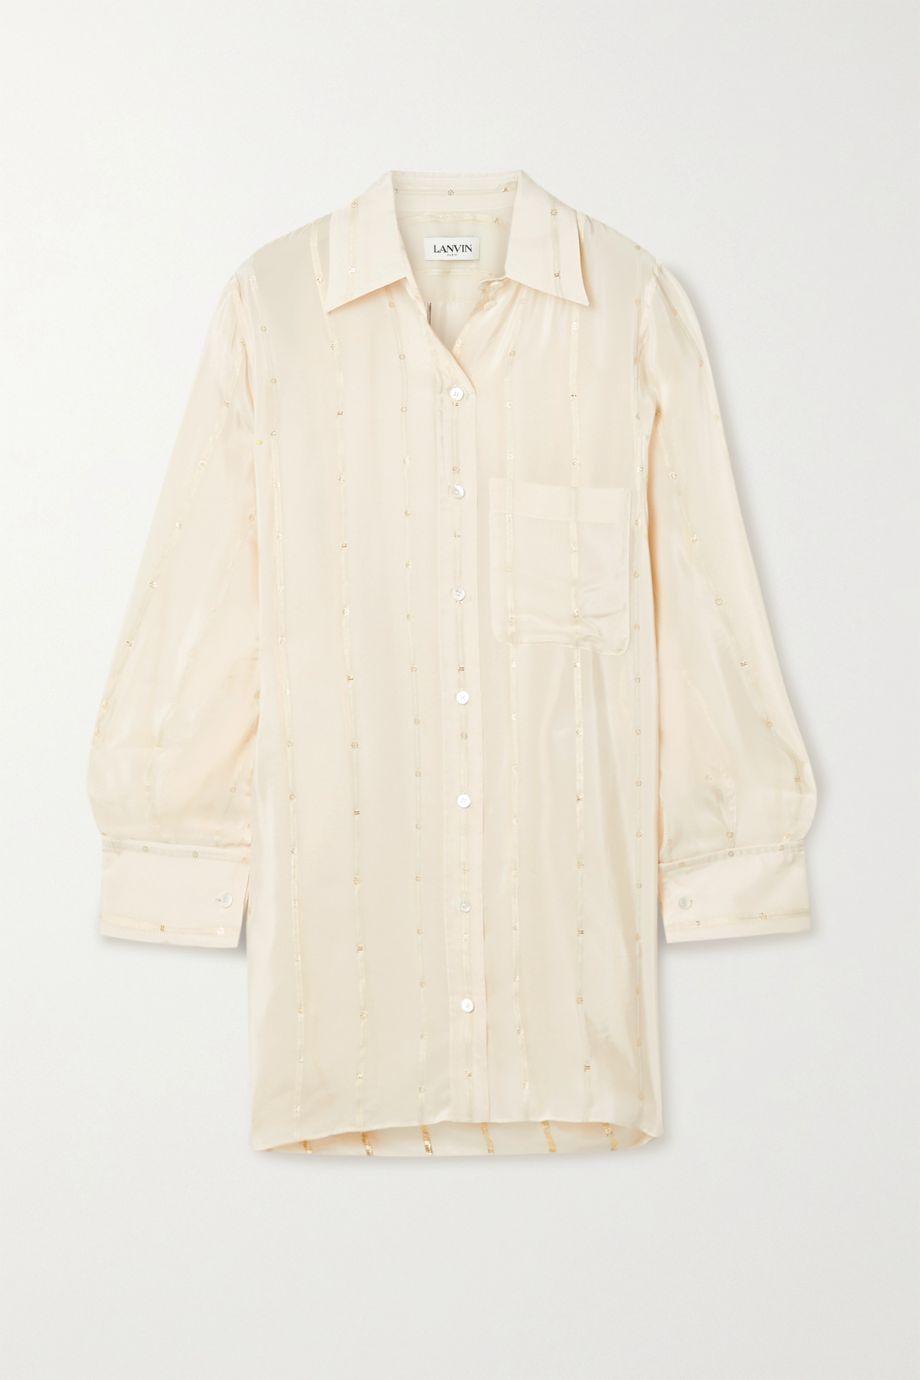 Lanvin Asymmetrisches Oversized-Hemd aus Crêpe de Chine mit Fil Coupé